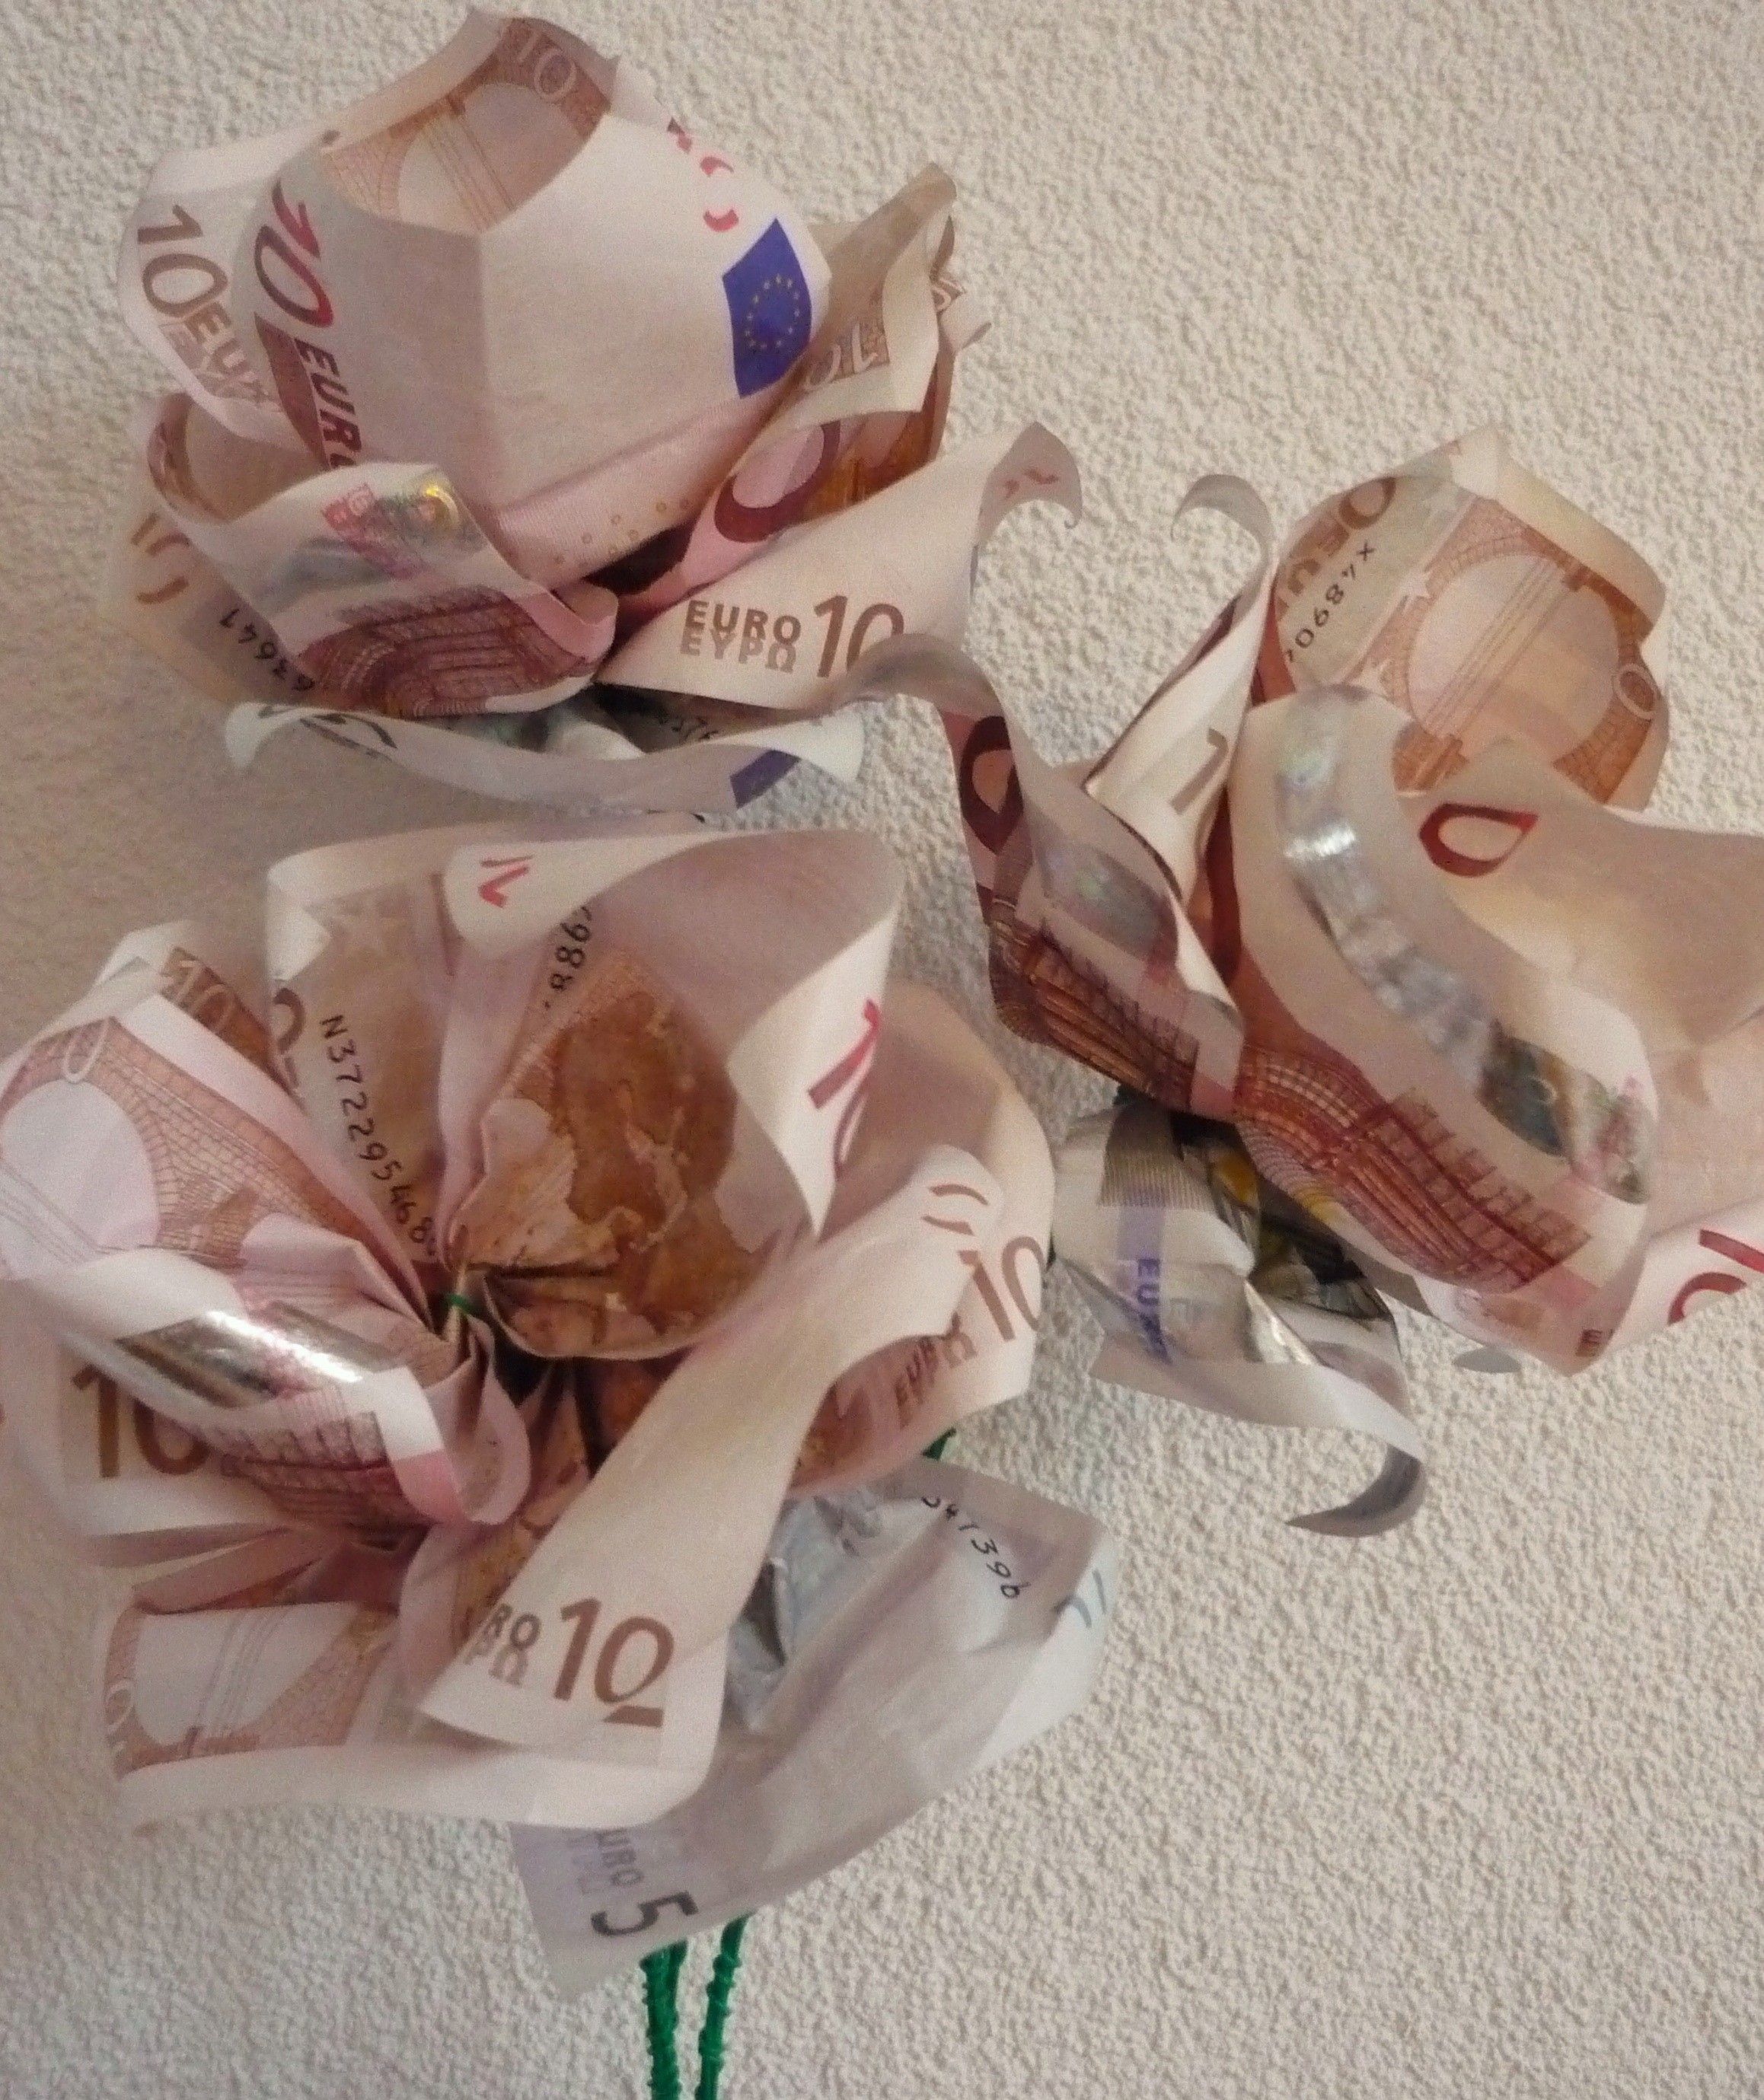 Geld Boeketje Leuke Cadeau Tip Met Geld Zelf Uitgevoerd